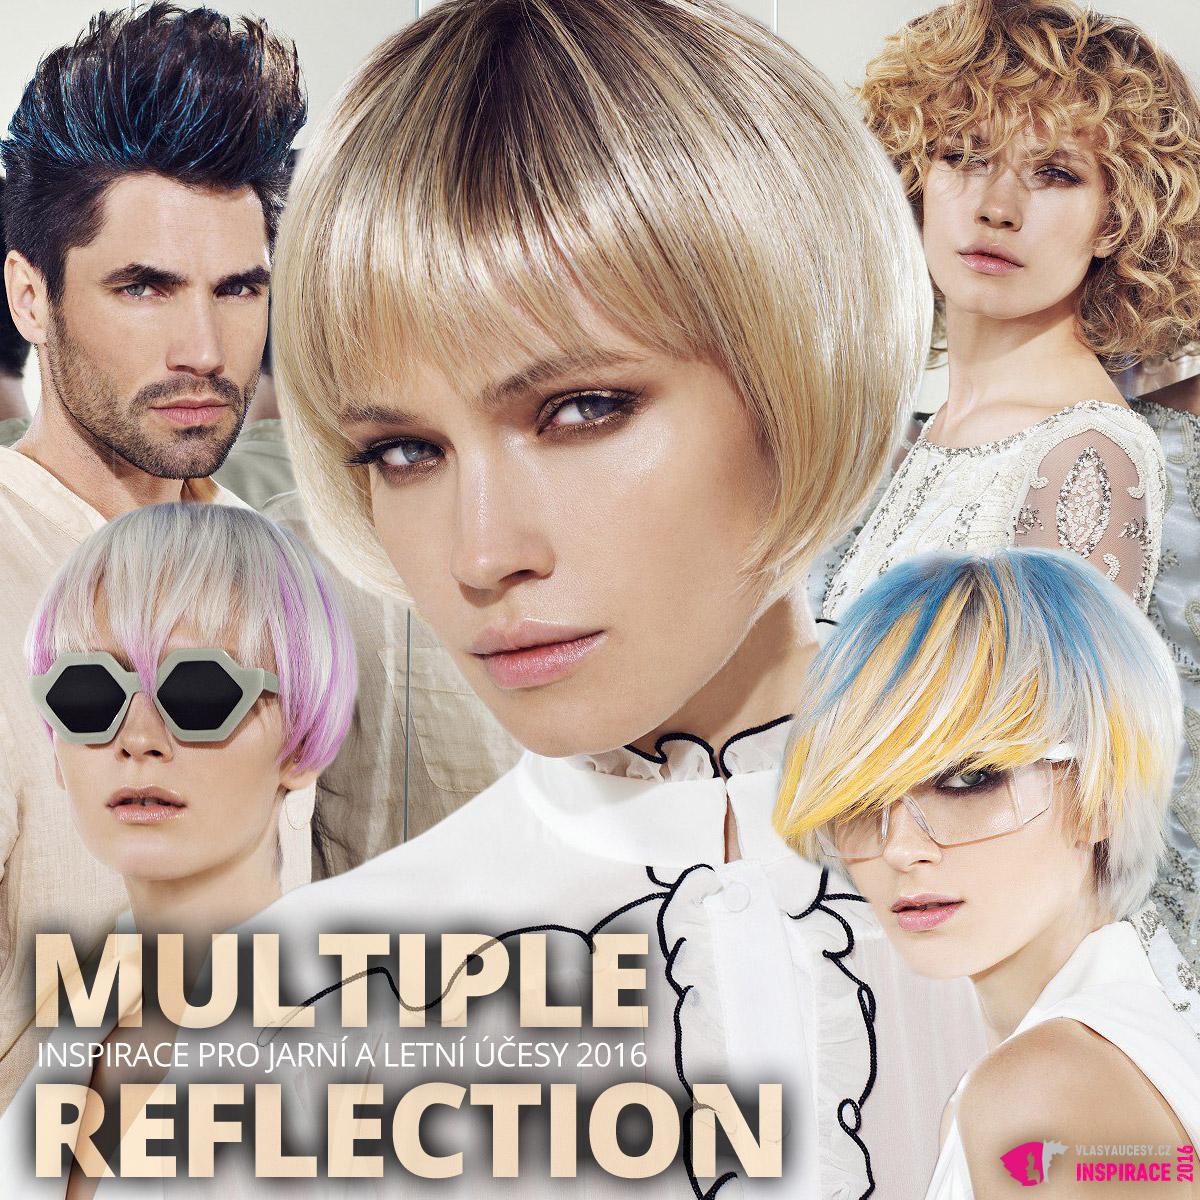 Inspirace pro jarní a letní účesy 2016 podle Gandini – kolekce Multiple reflection.